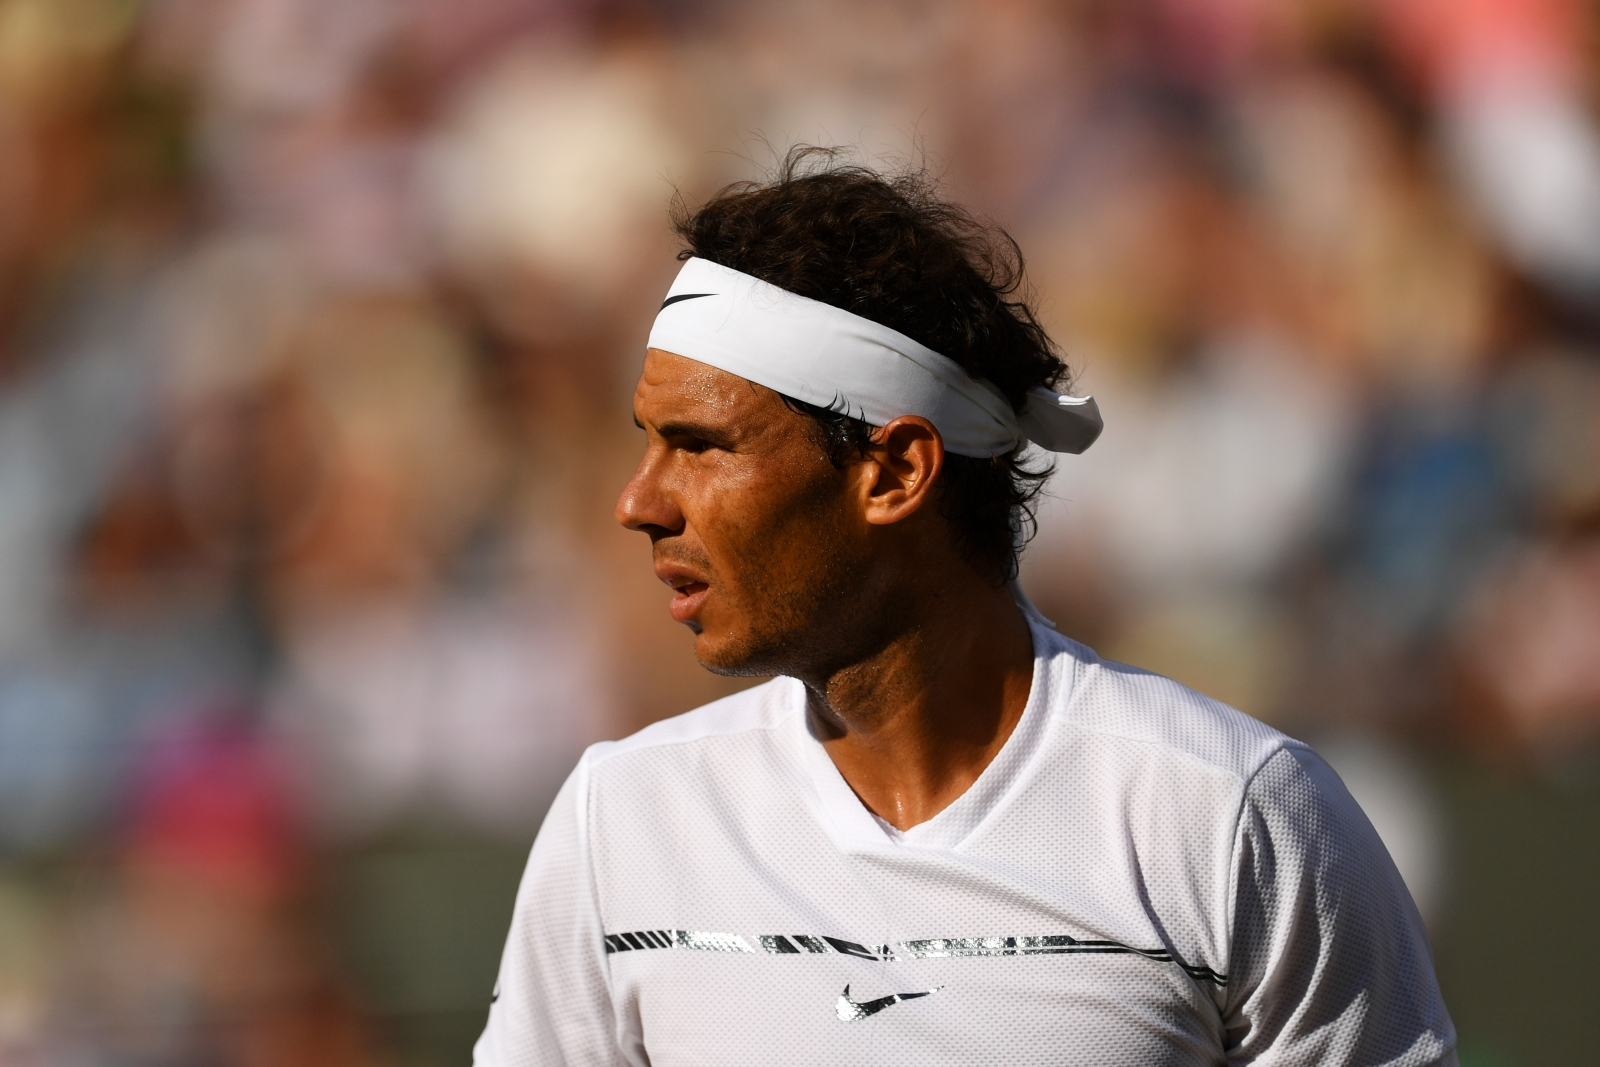 Rafael Nadal ngấm ngầm chỉ trích ban tổ chức Wimbledon thiên vị Federer và Murray